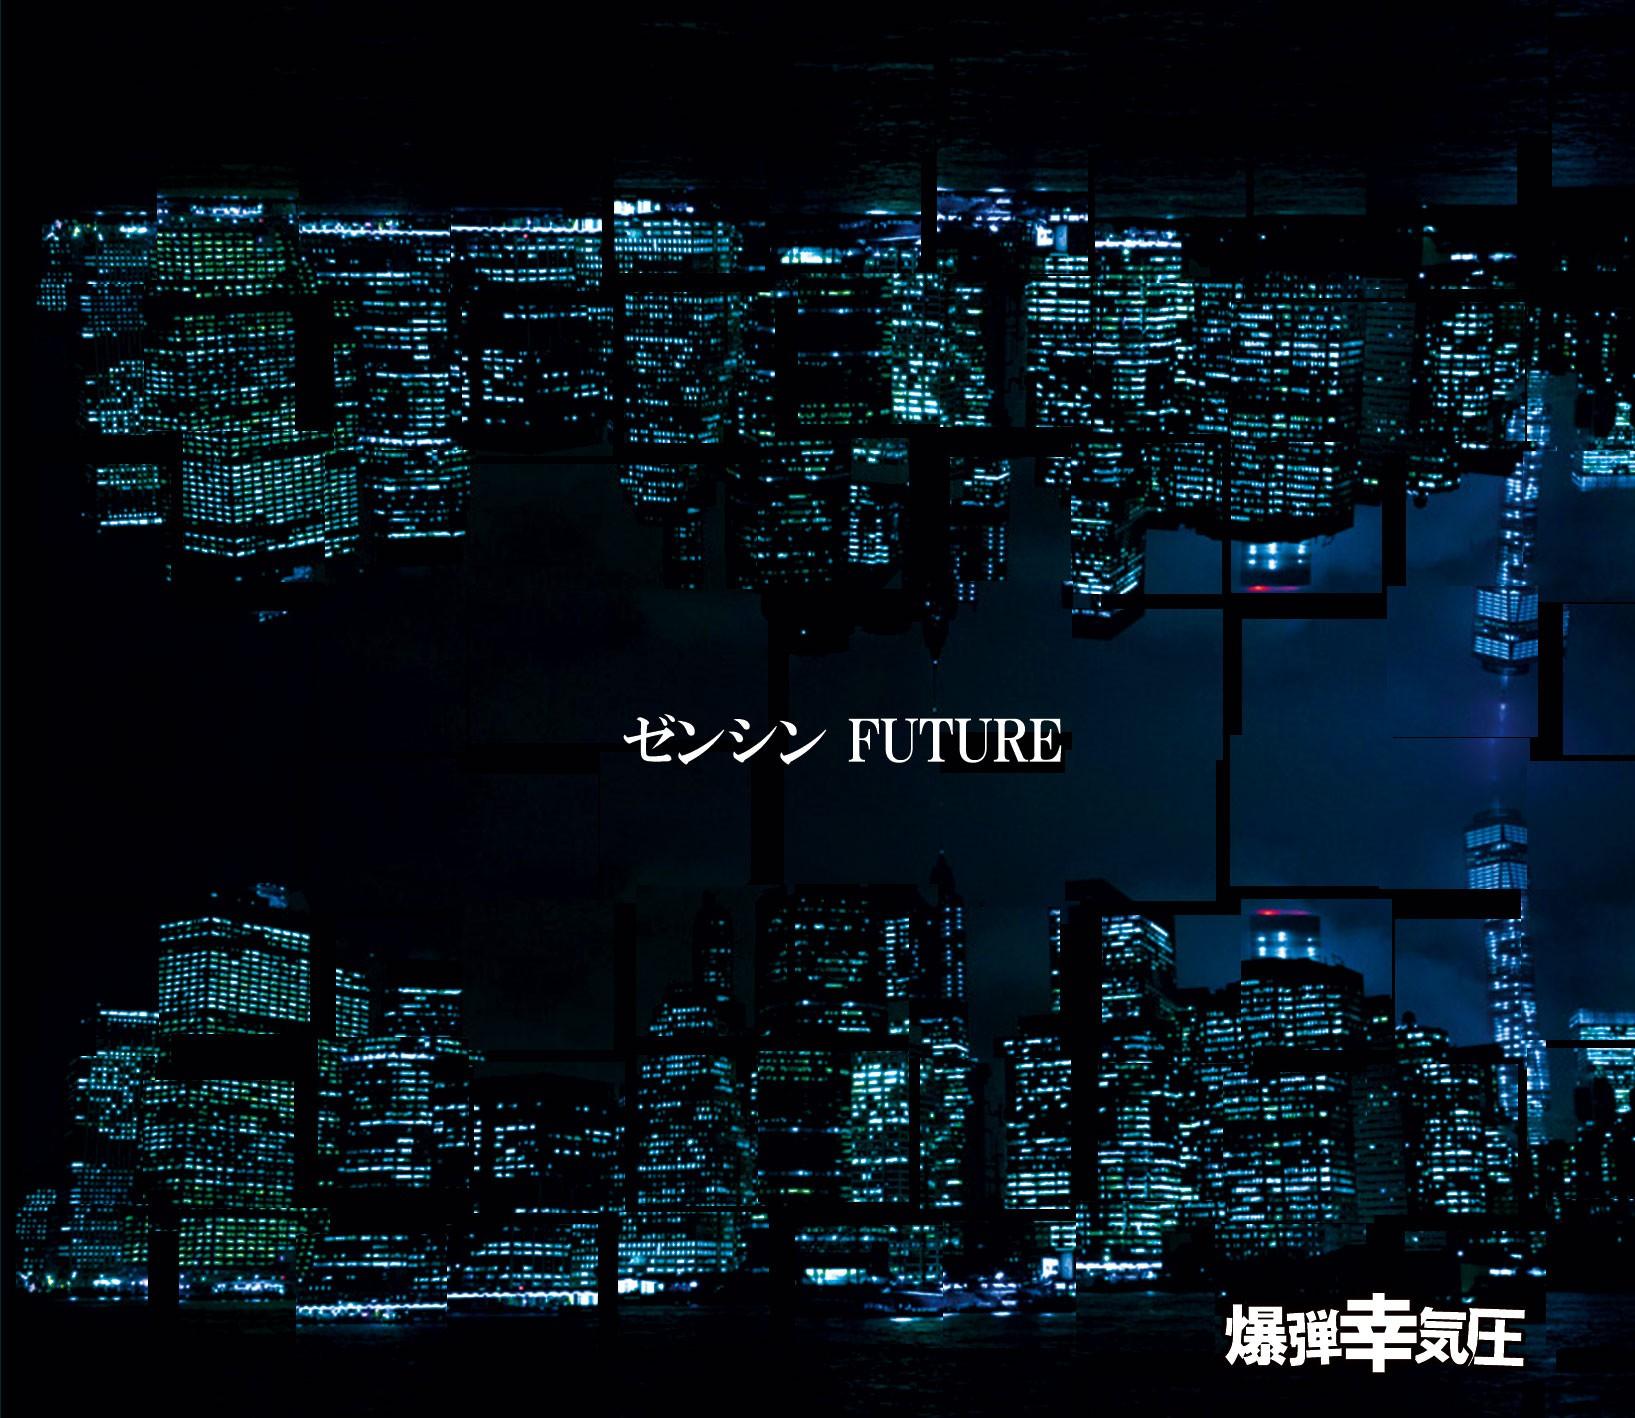 爆弾幸気圧 (Bakudan Kou Kiatsu) – ゼンシン FUTURE [FLAC / CD] [2018.10.30]